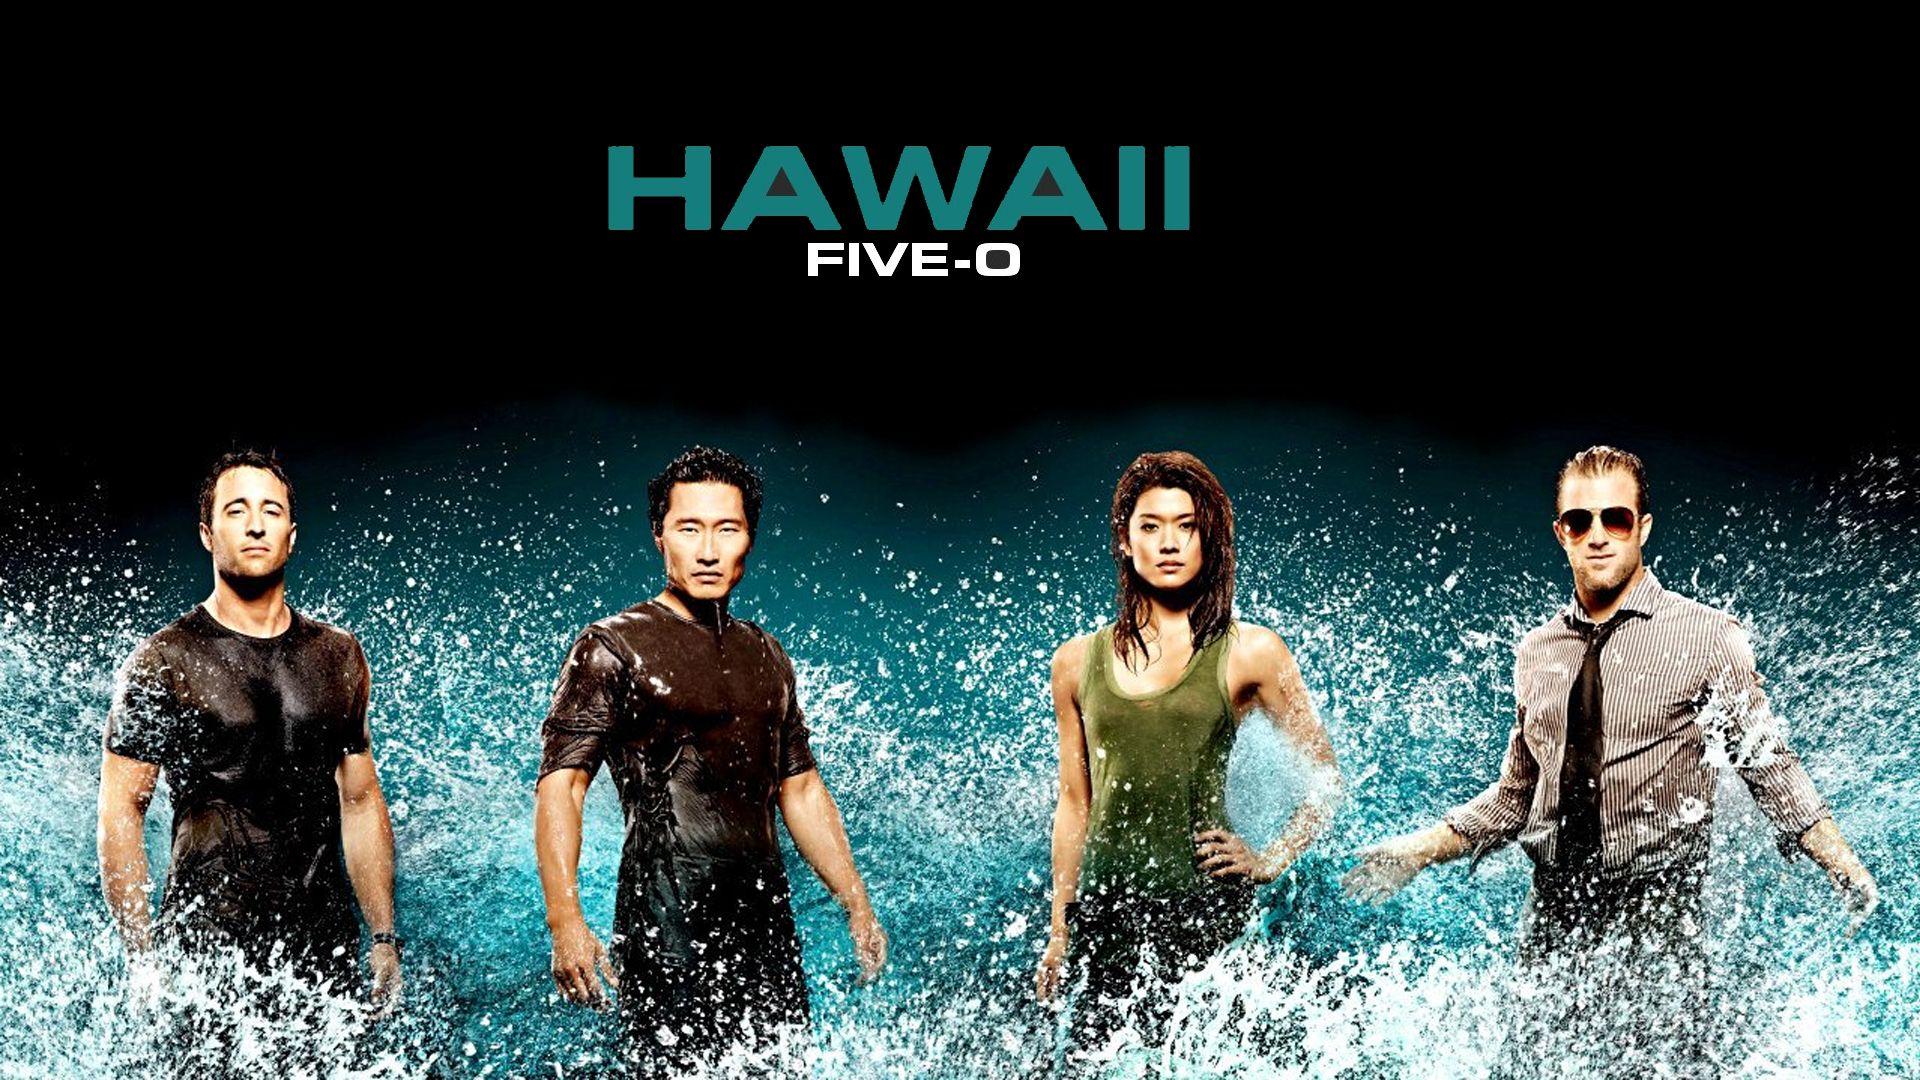 Hawaii Five0 Hawaii five o, Hawaii, Best facebook cover